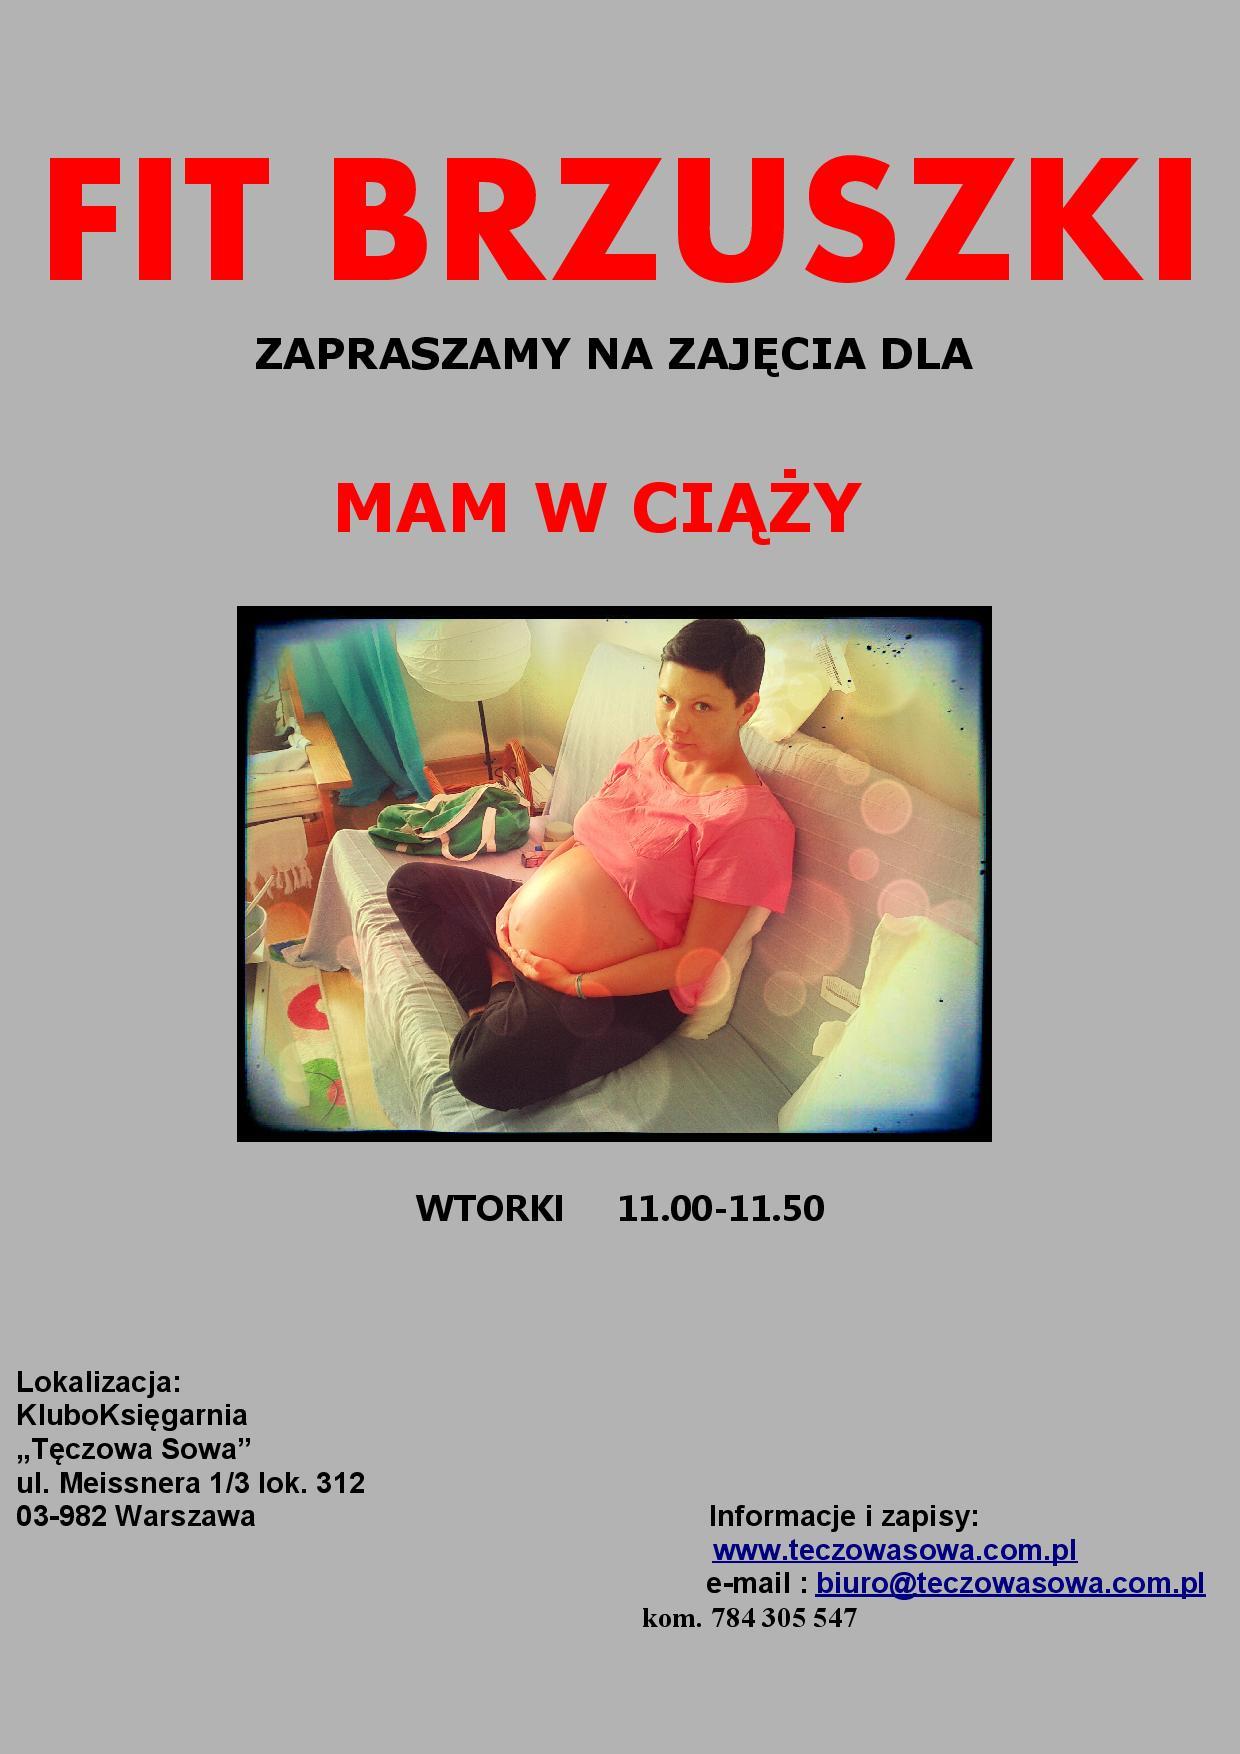 plakat_FIT_BRZUSZKI-page-001